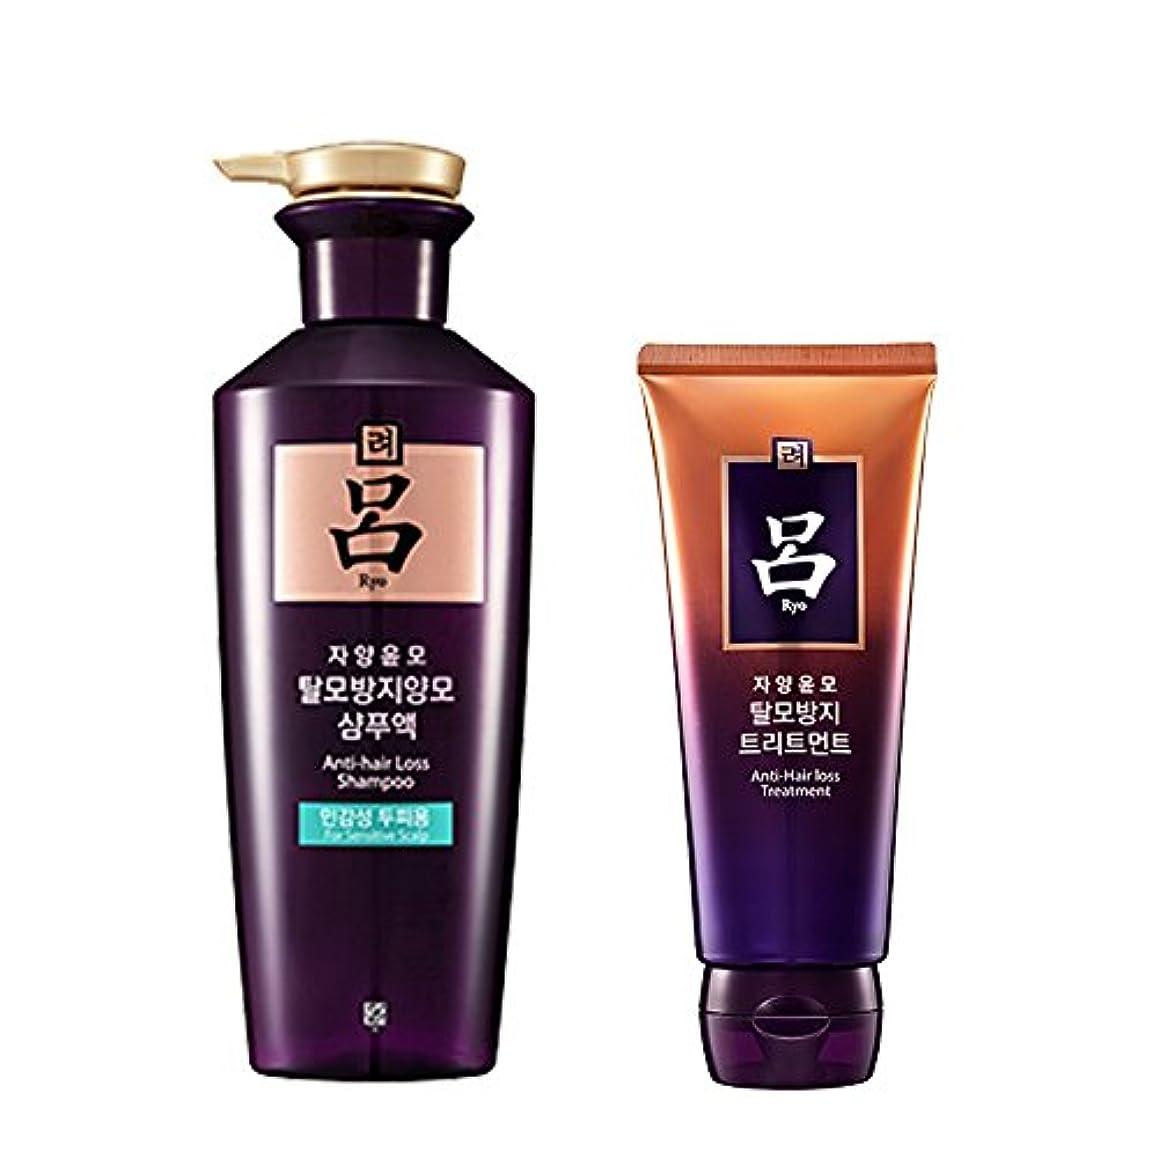 アレルギー収束ご注意呂(リョ) 滋養潤毛 シャンプー(敏感頭皮用) 400ml+トリートメント 200ml